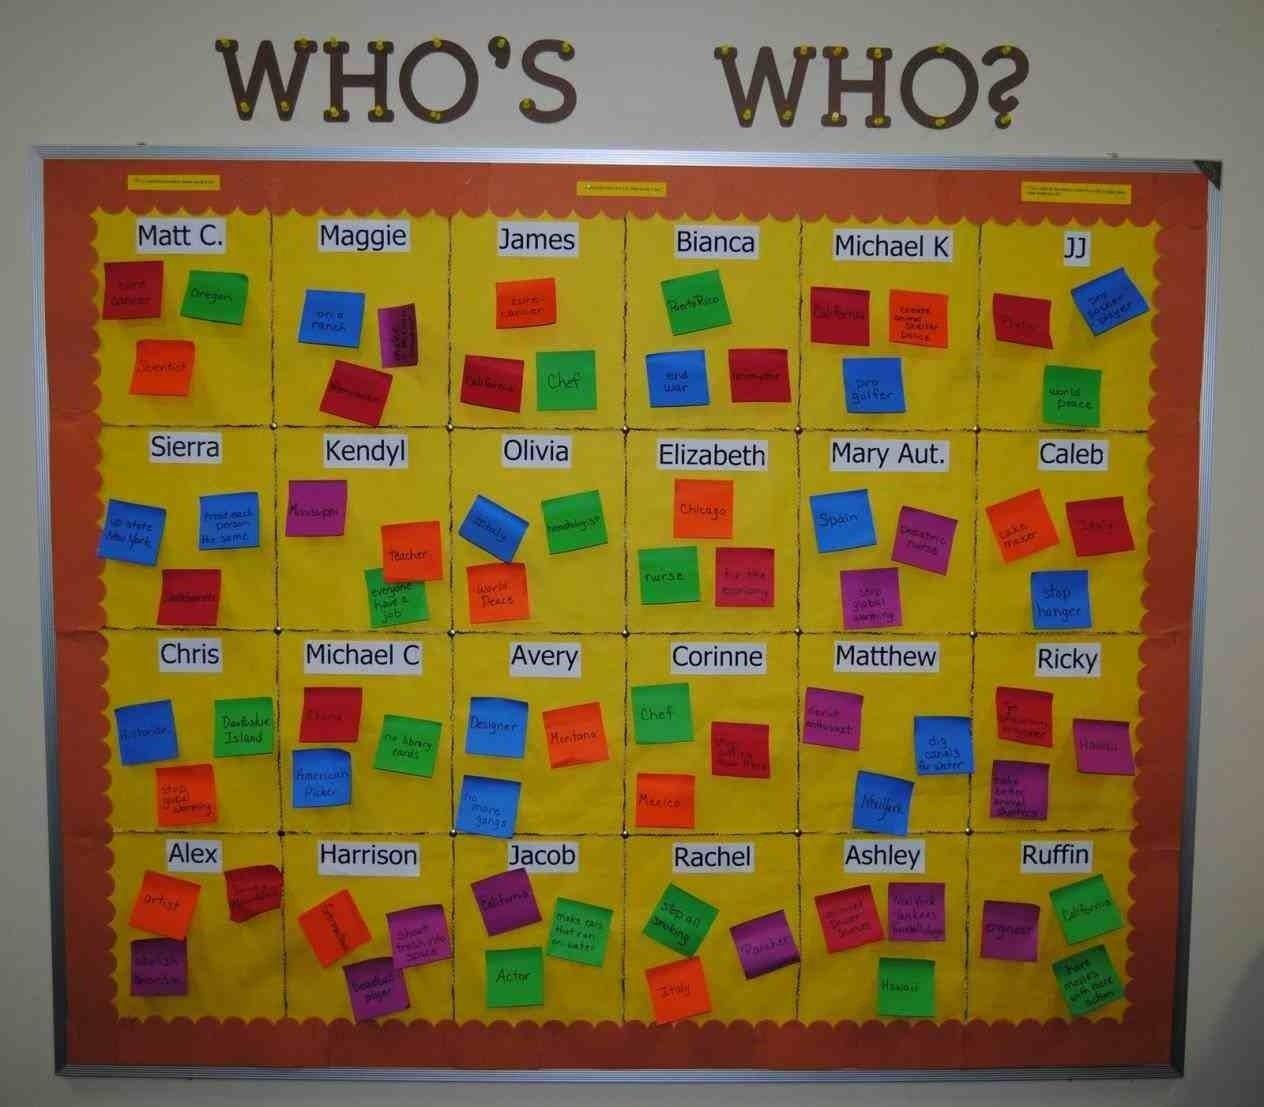 10 Cute Bulletin Board Ideas For Middle School spring bulletin board ideas middle school arch dsgn 2020